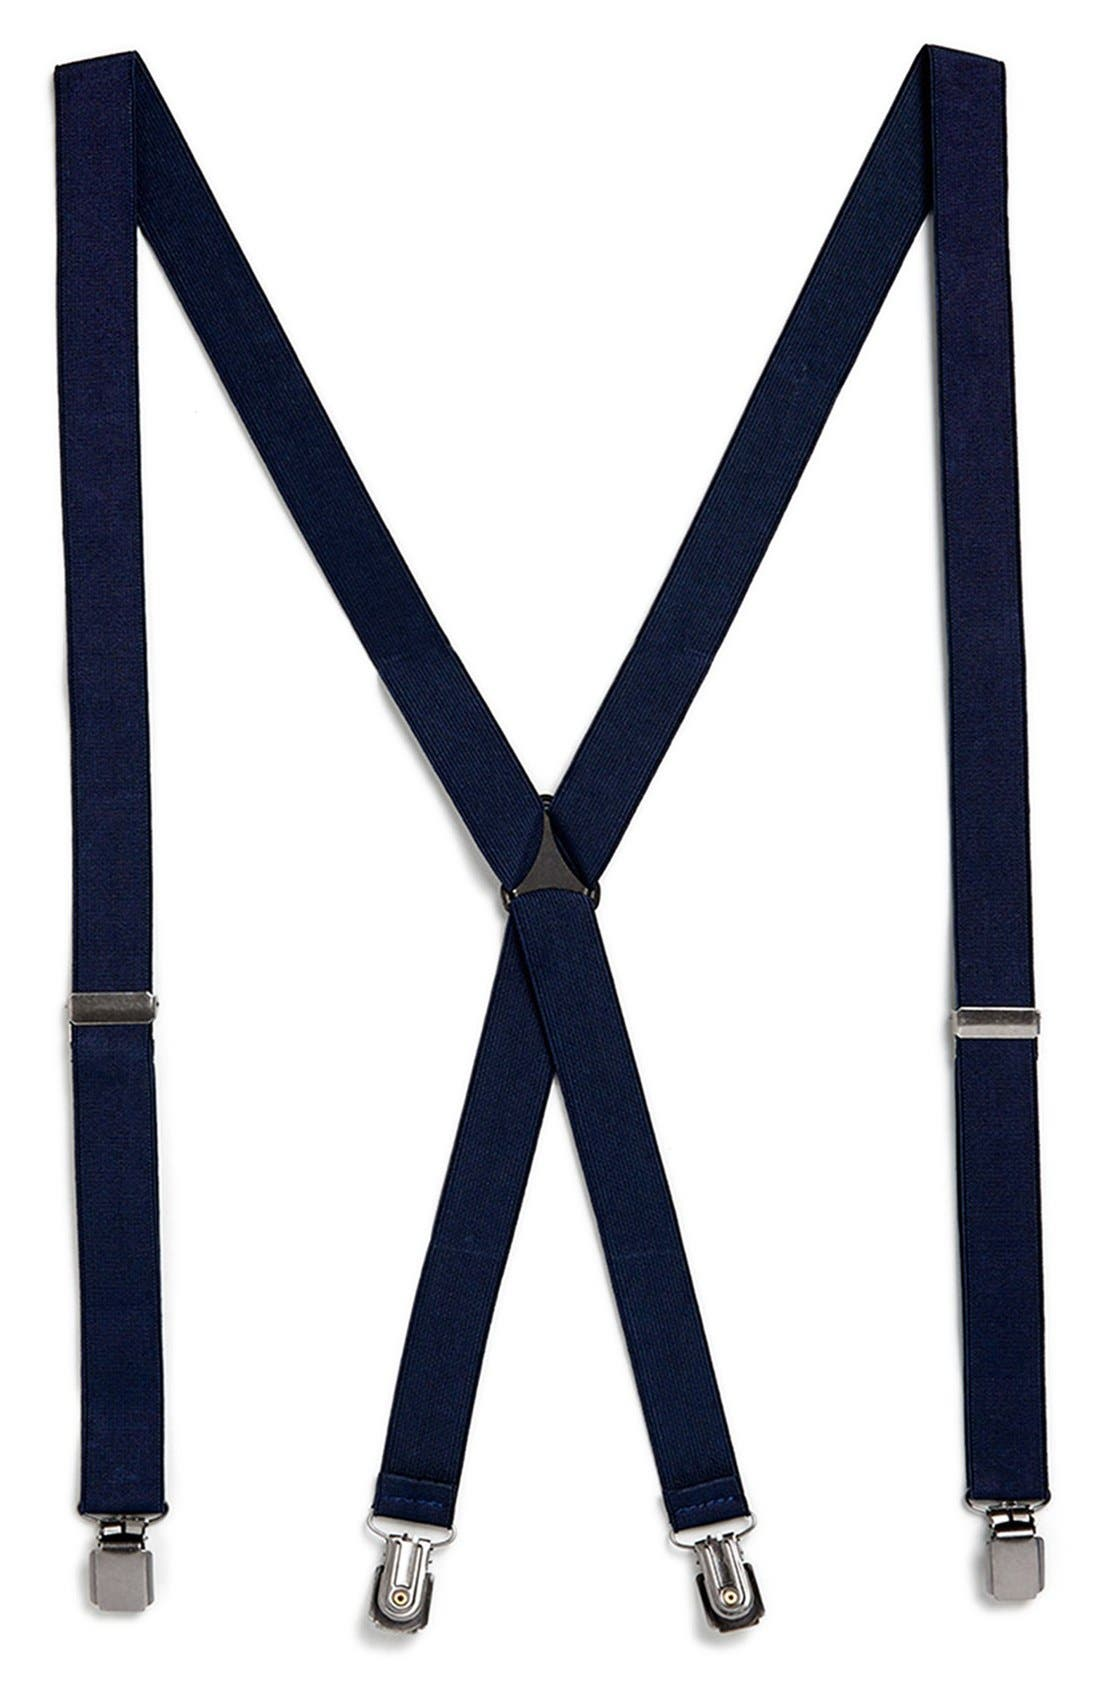 Main Image - Topman Navy Suspenders